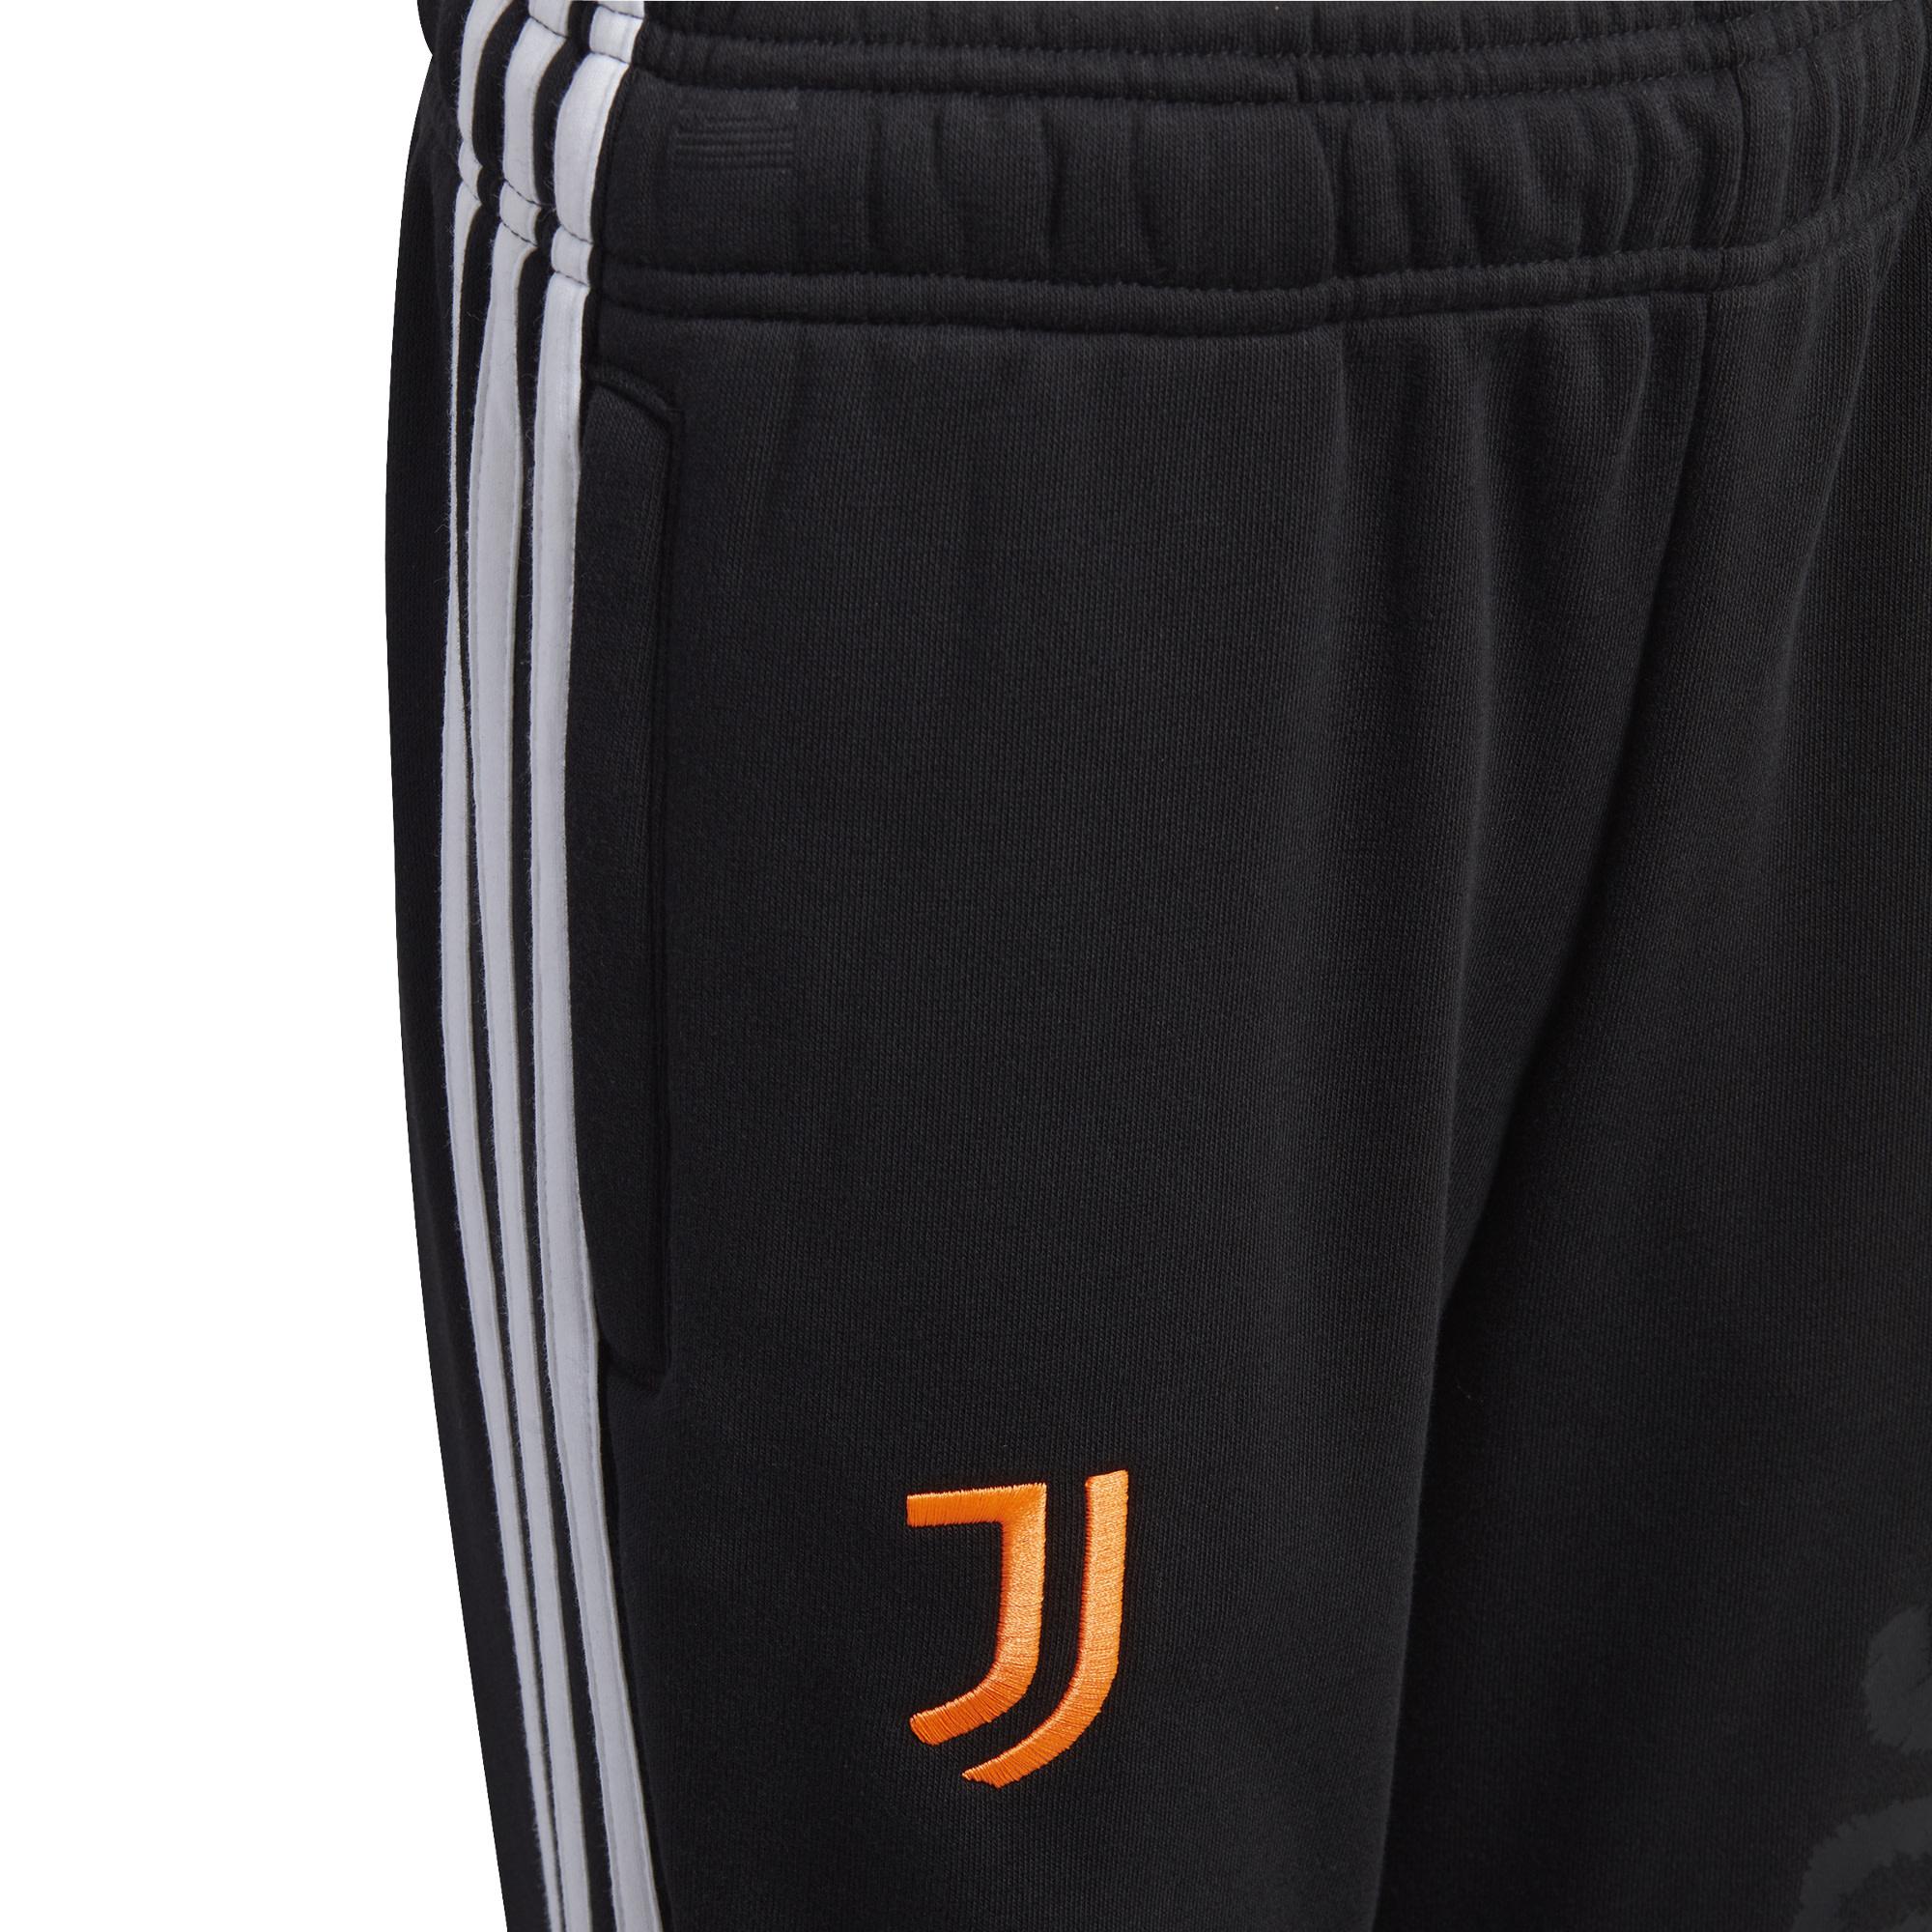 Adidas ADIDAS JR Juventus Sweat Pant